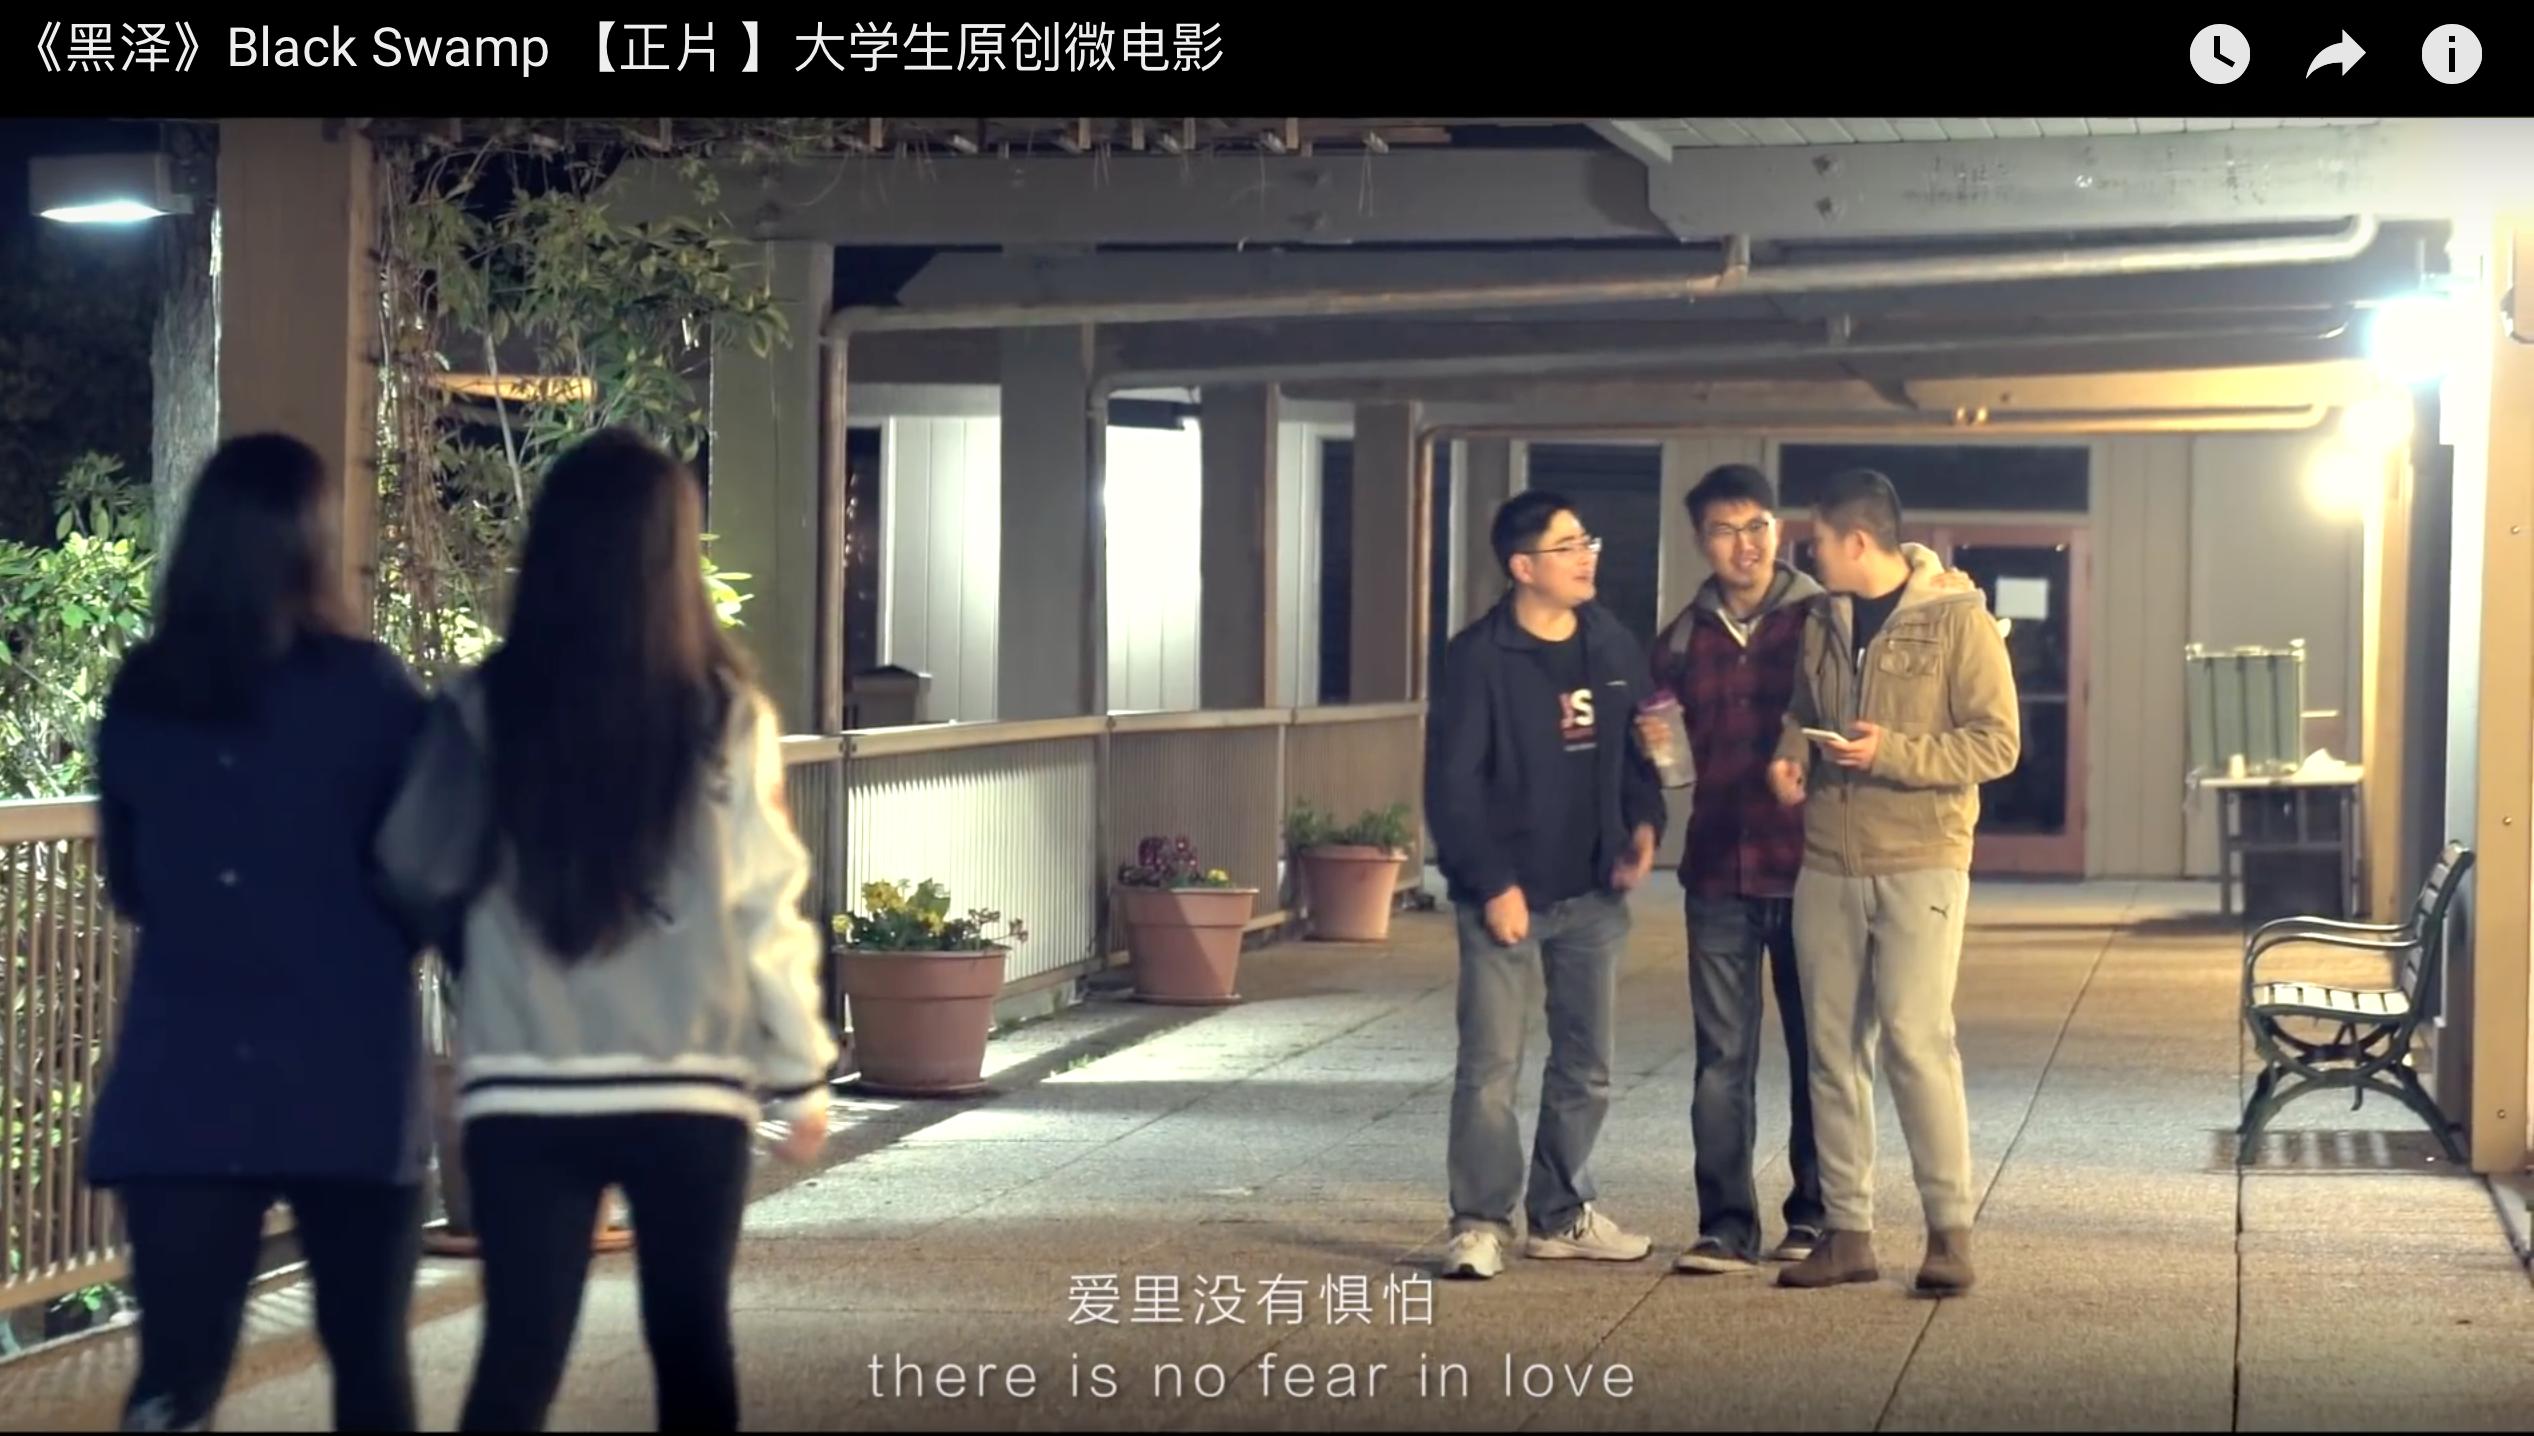 微電影「黑澤」介紹一位年輕學生的內心故事。(記者李榮/翻攝)